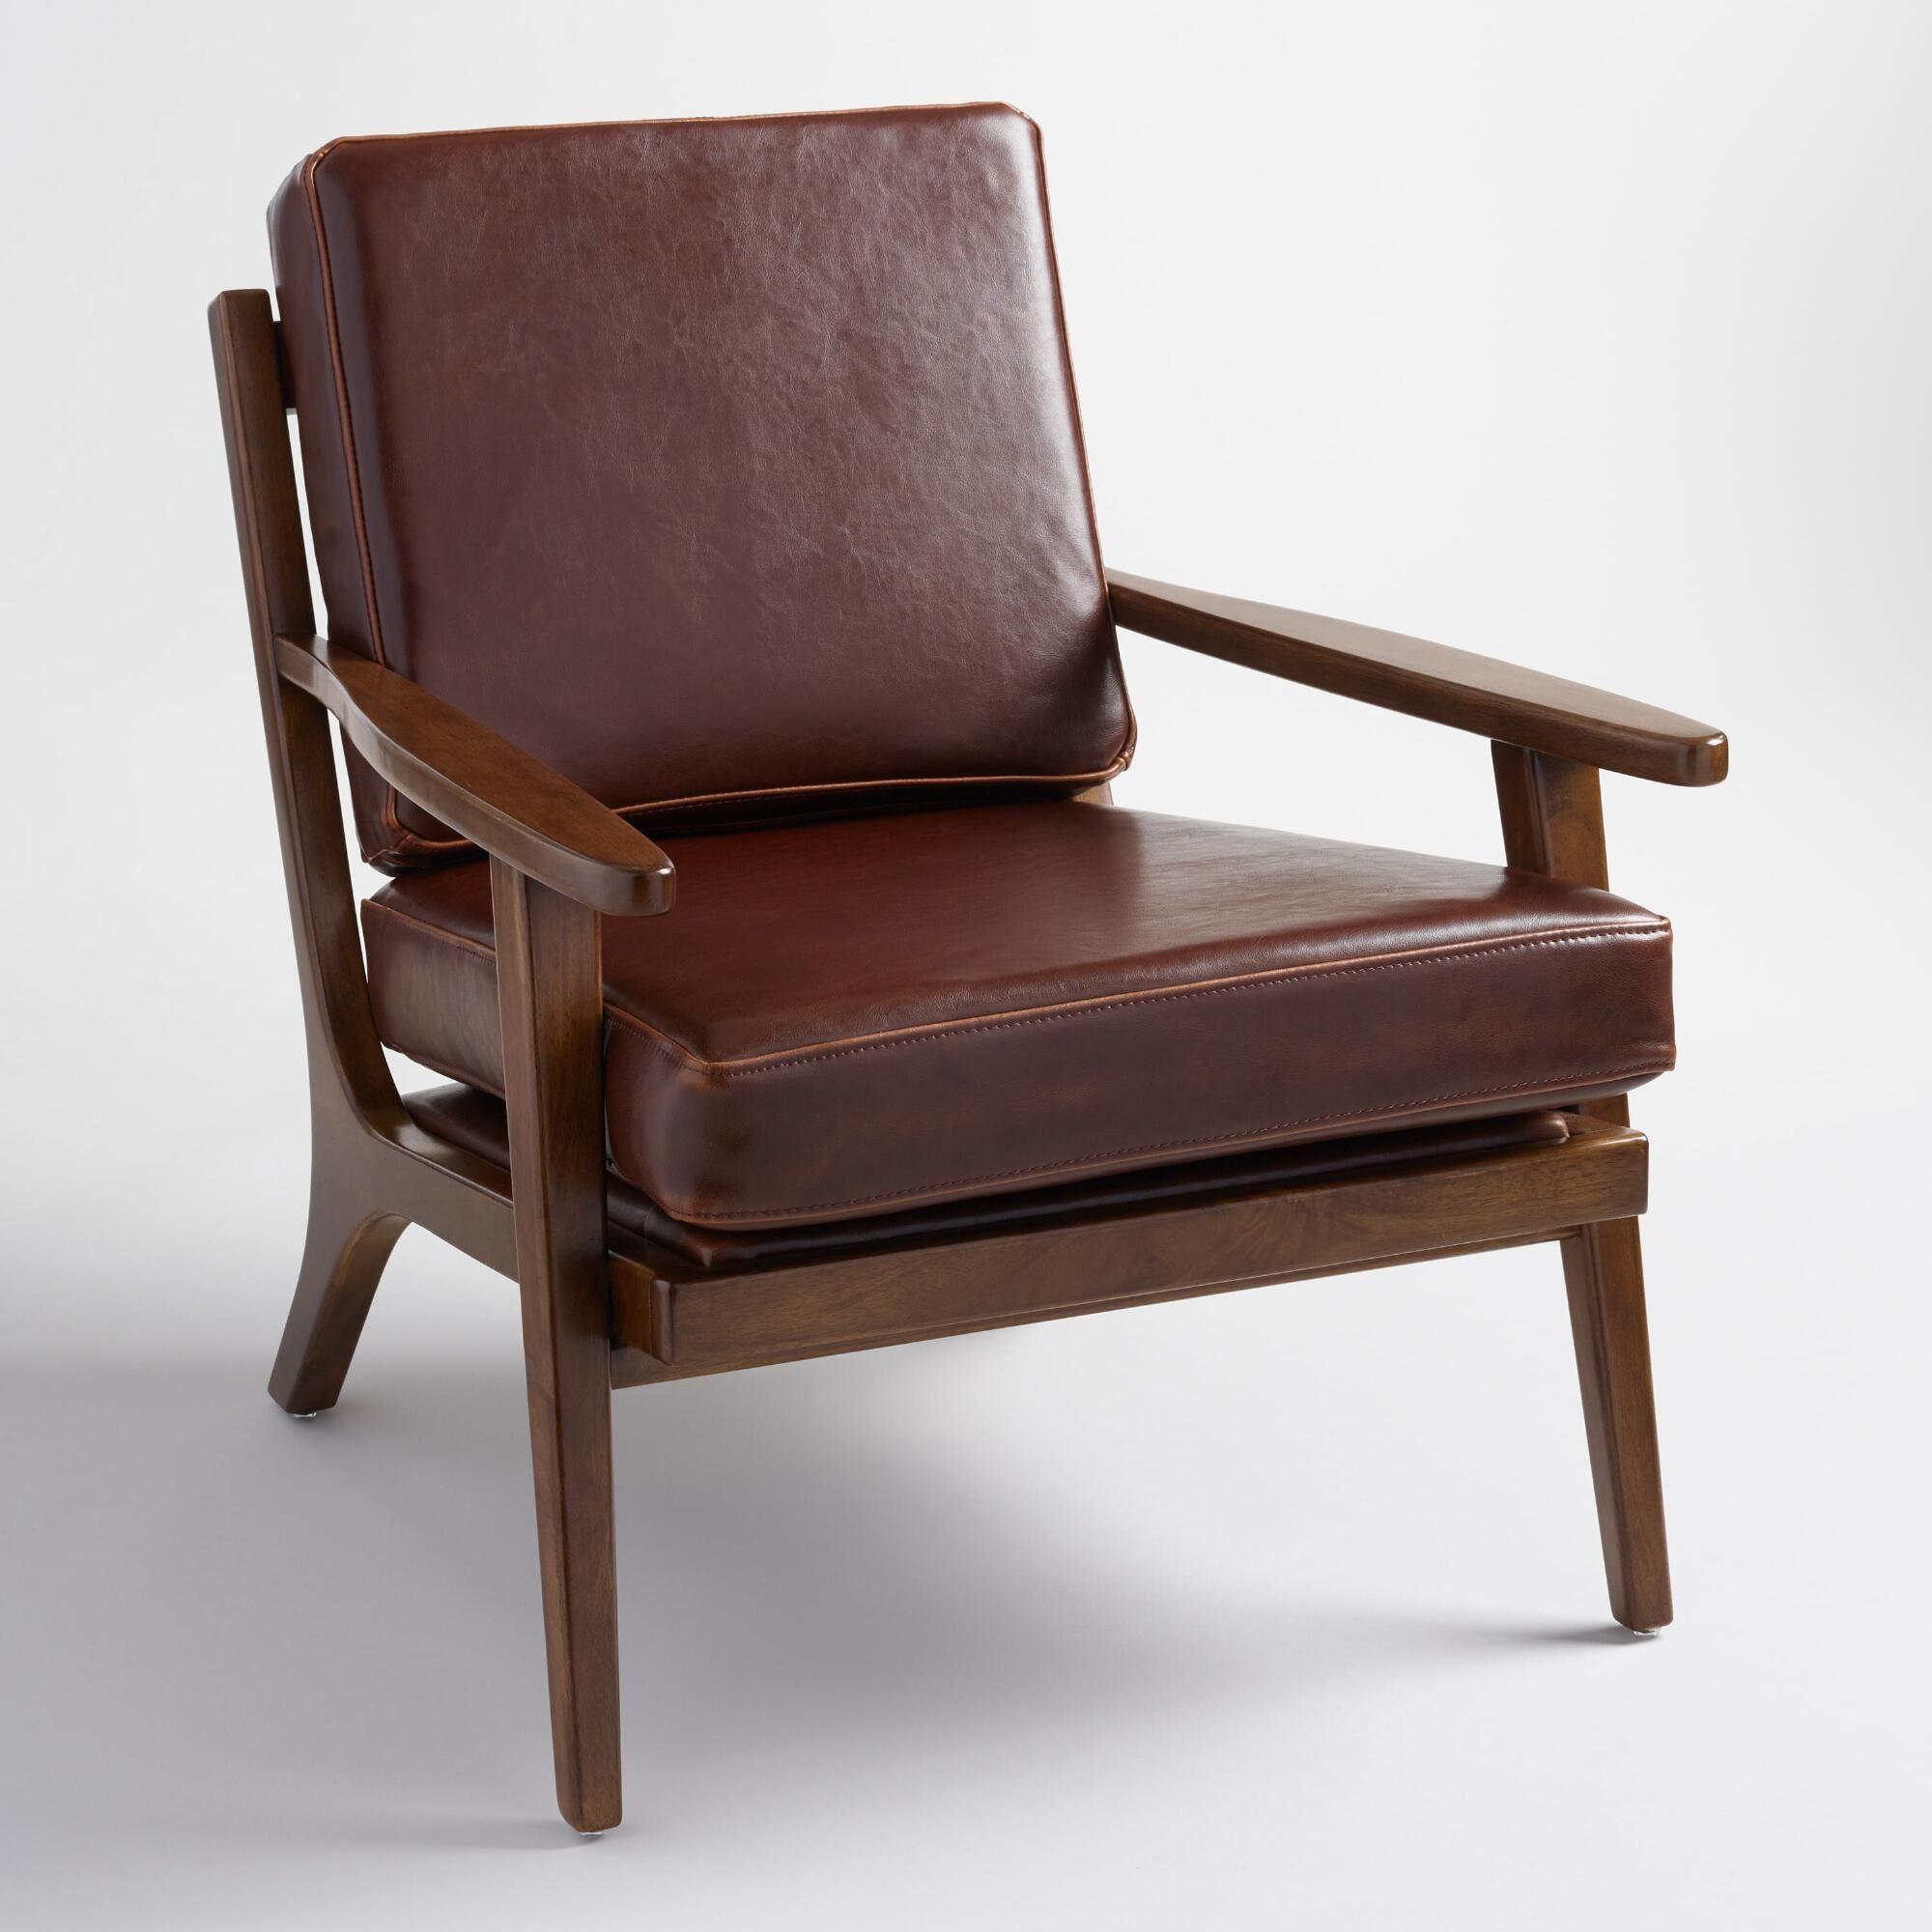 Leder Lesesessel Stuhle Sessel Stuhle Und Lesesessel